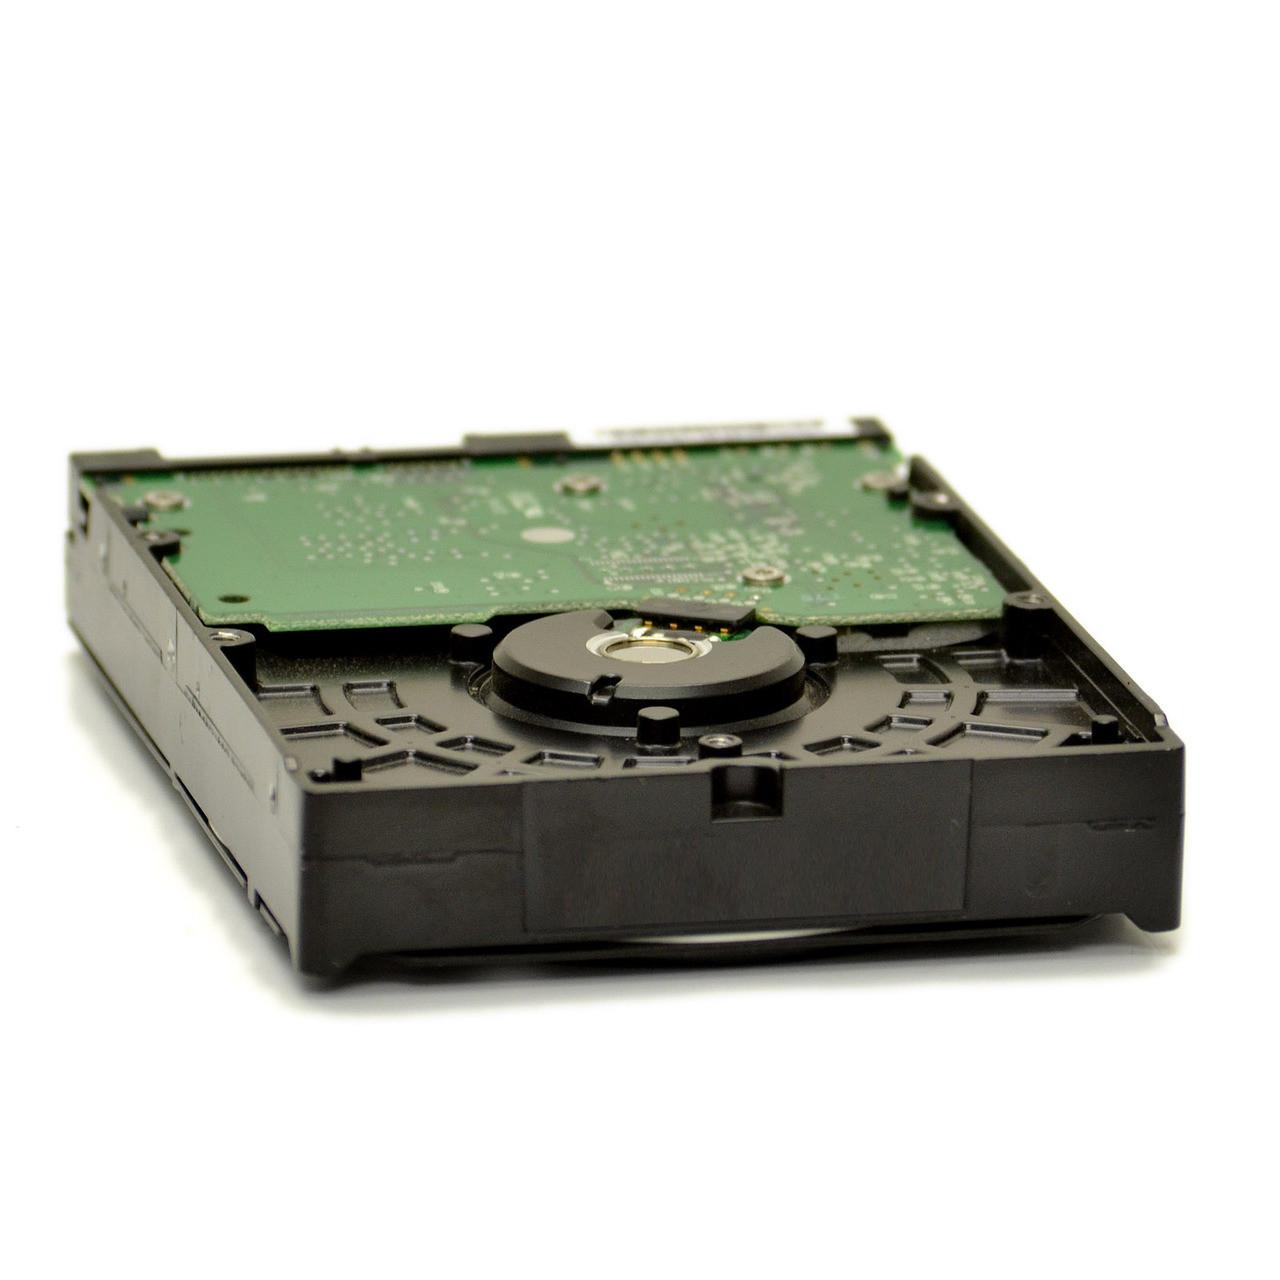 Western Digital 160gb Sata Hdd Desktop Hard Drive 35 7200rpm 160 Gb Like New